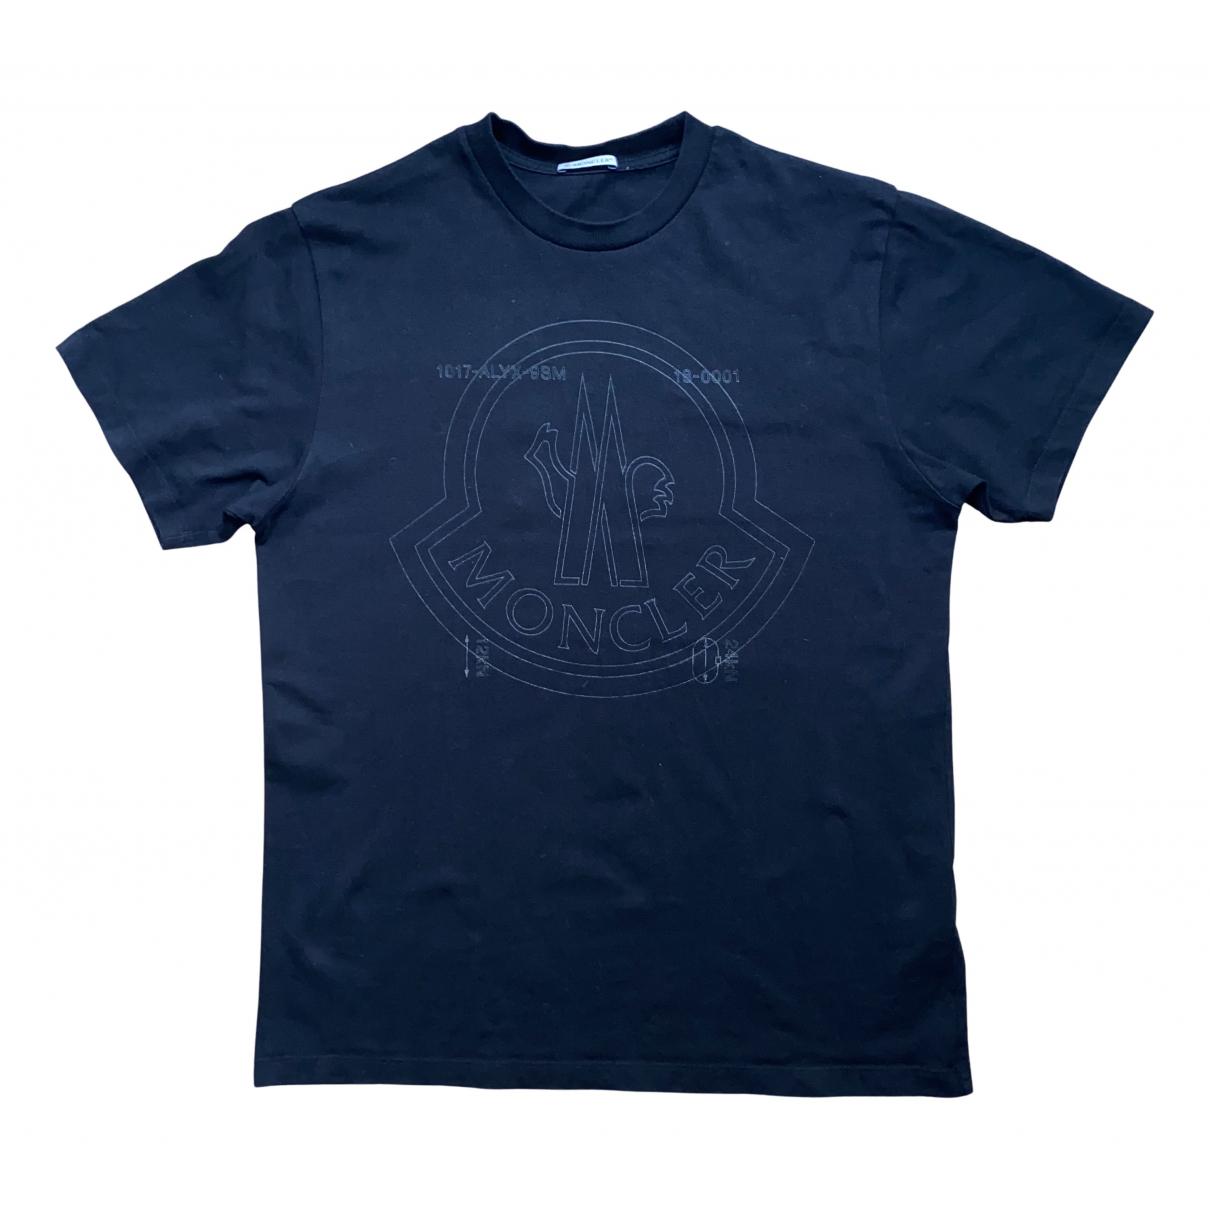 Moncler Genius - Tee shirts Moncler n°6 1017 Alyx 9SM pour homme en coton - noir